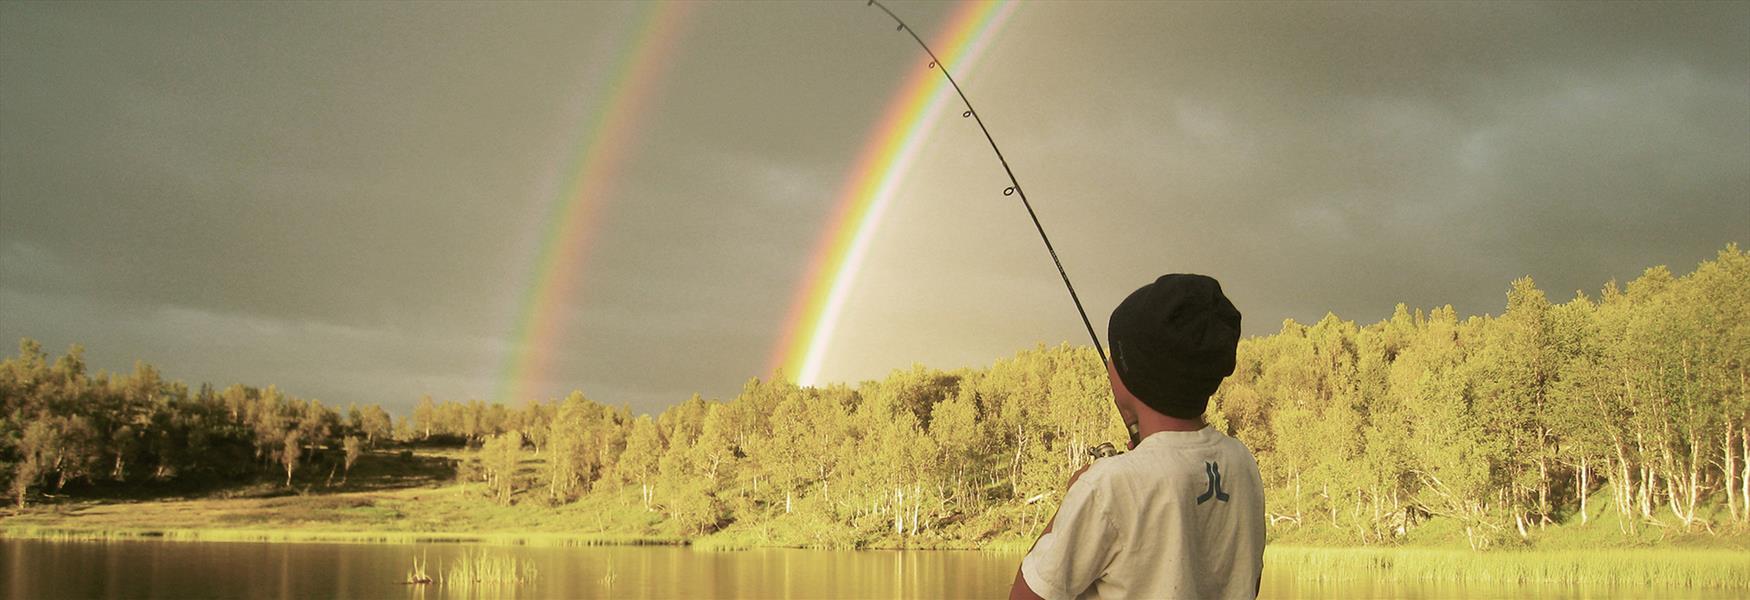 gutt fisker